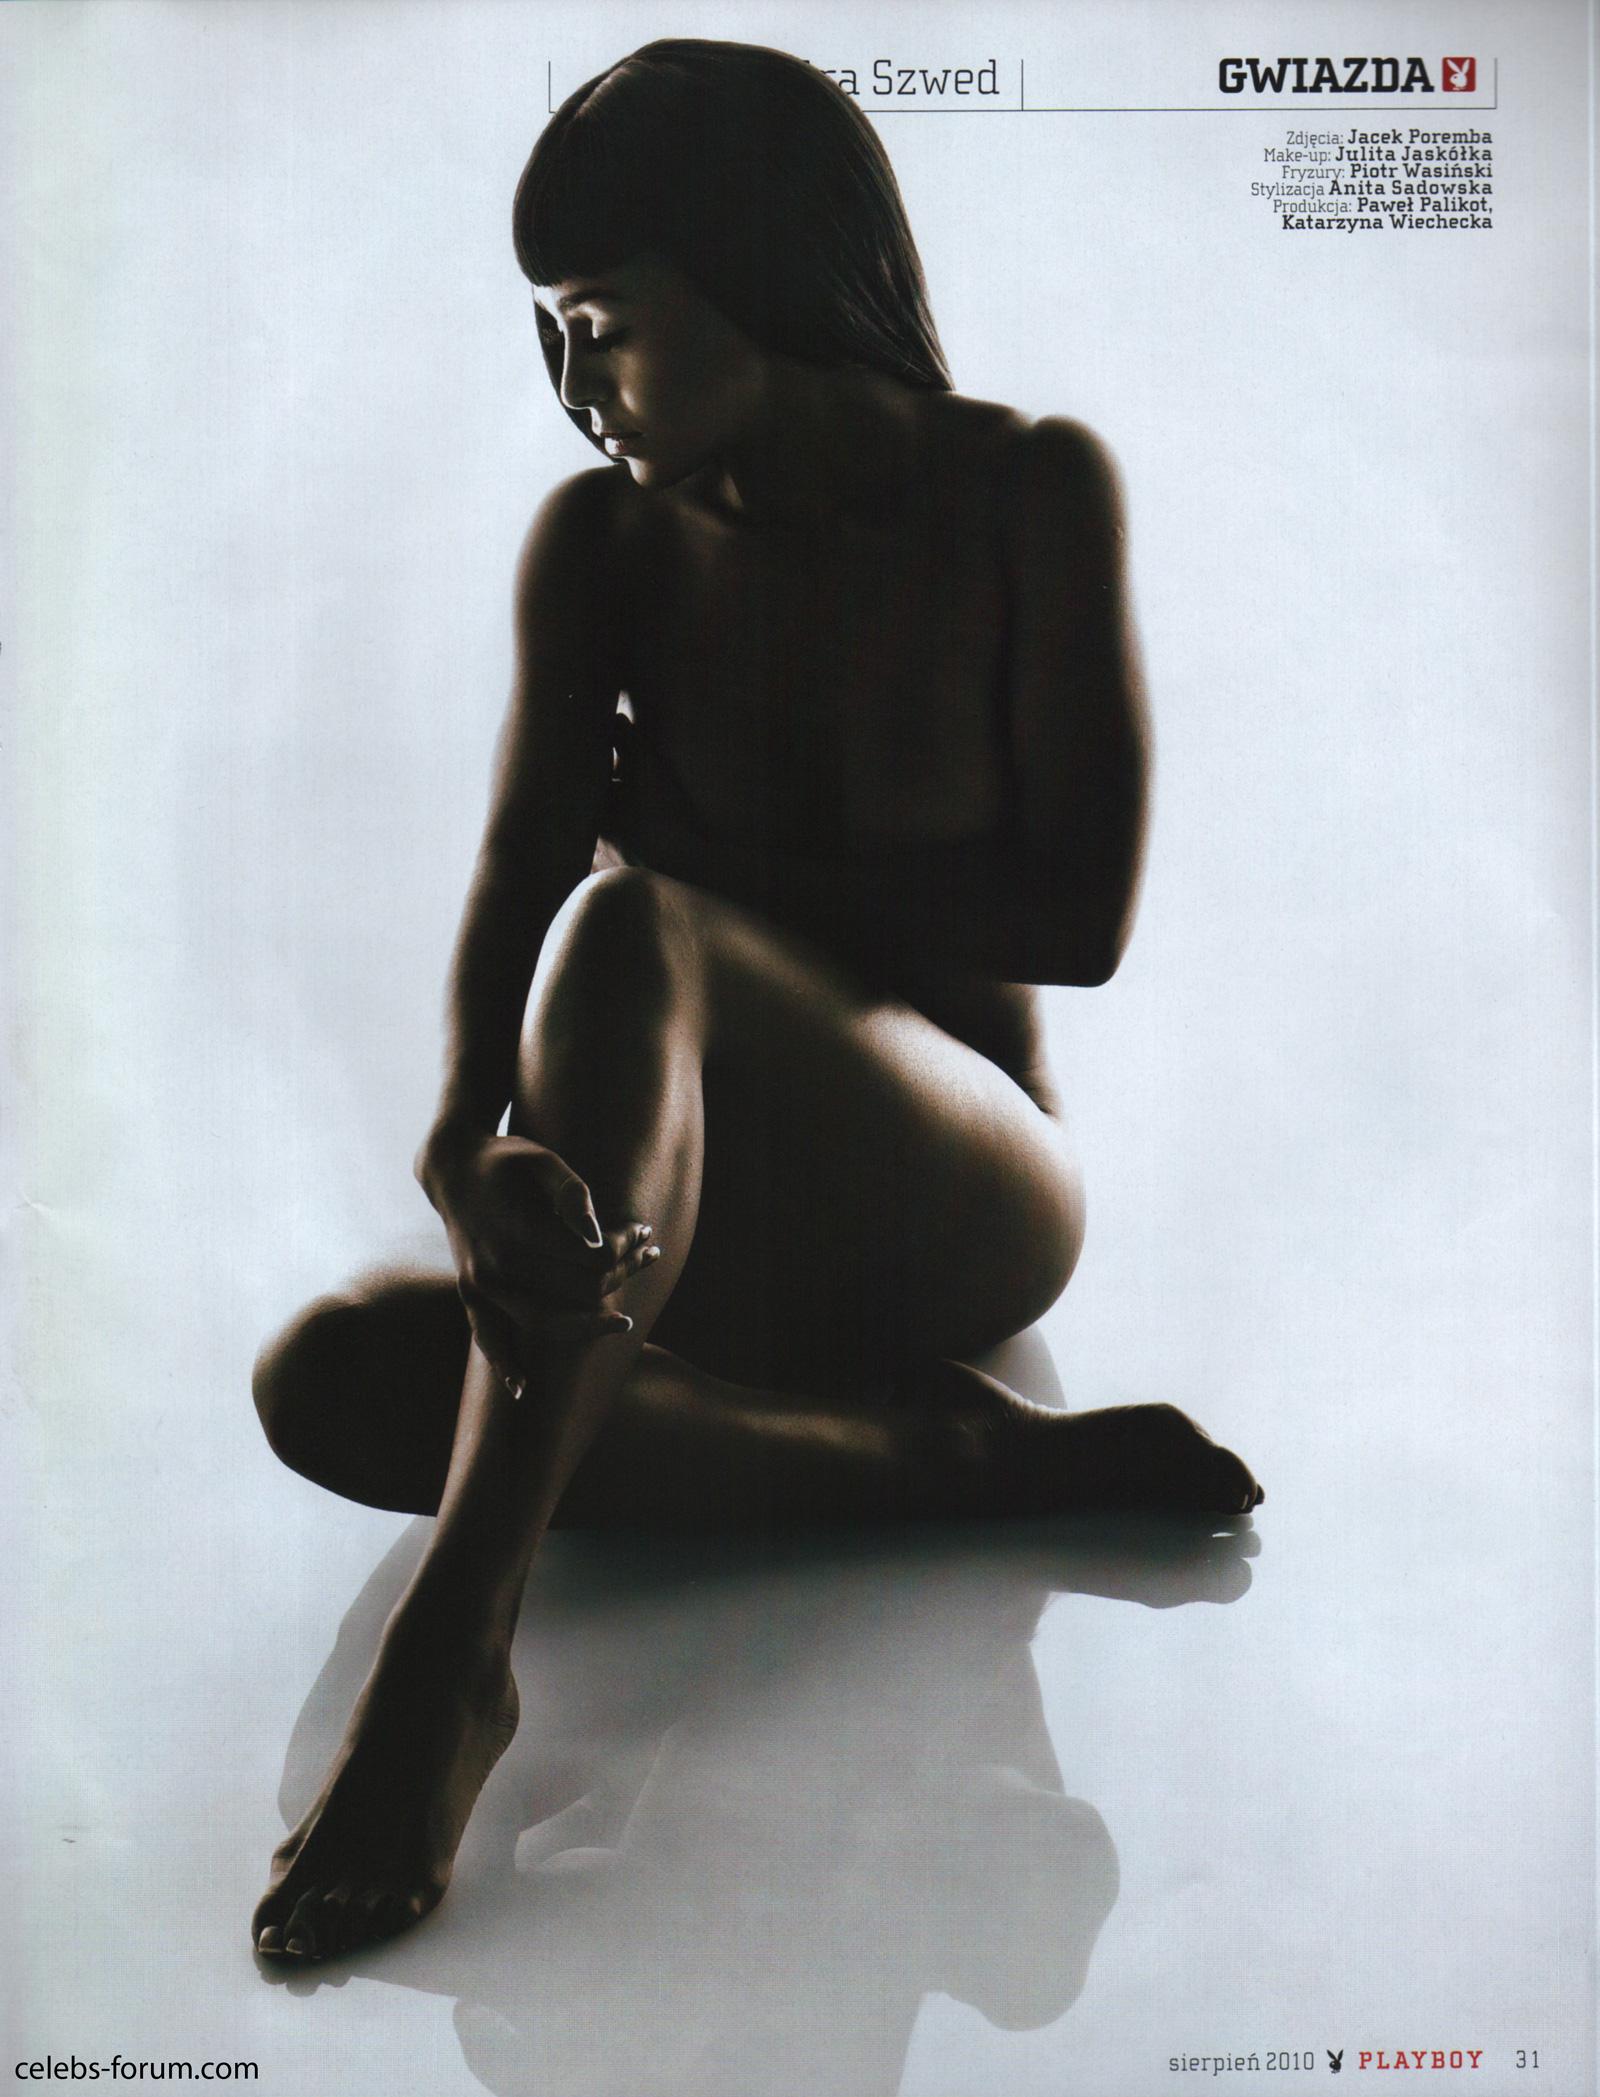 Aleksandra Szwed Playboy